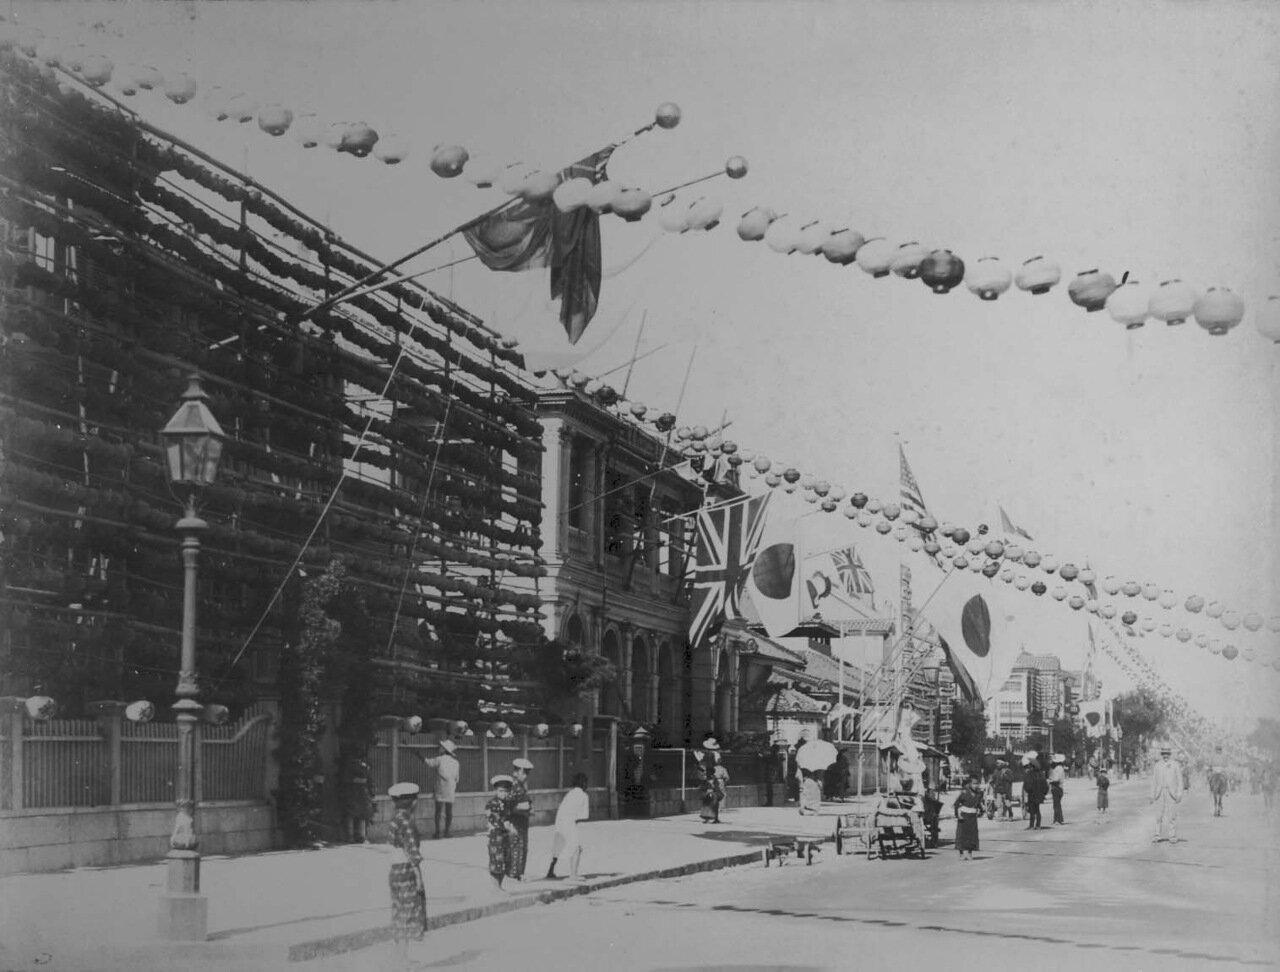 1897. Улица в Кобе, украшенная по случаю бриллиантового юбилея королевы